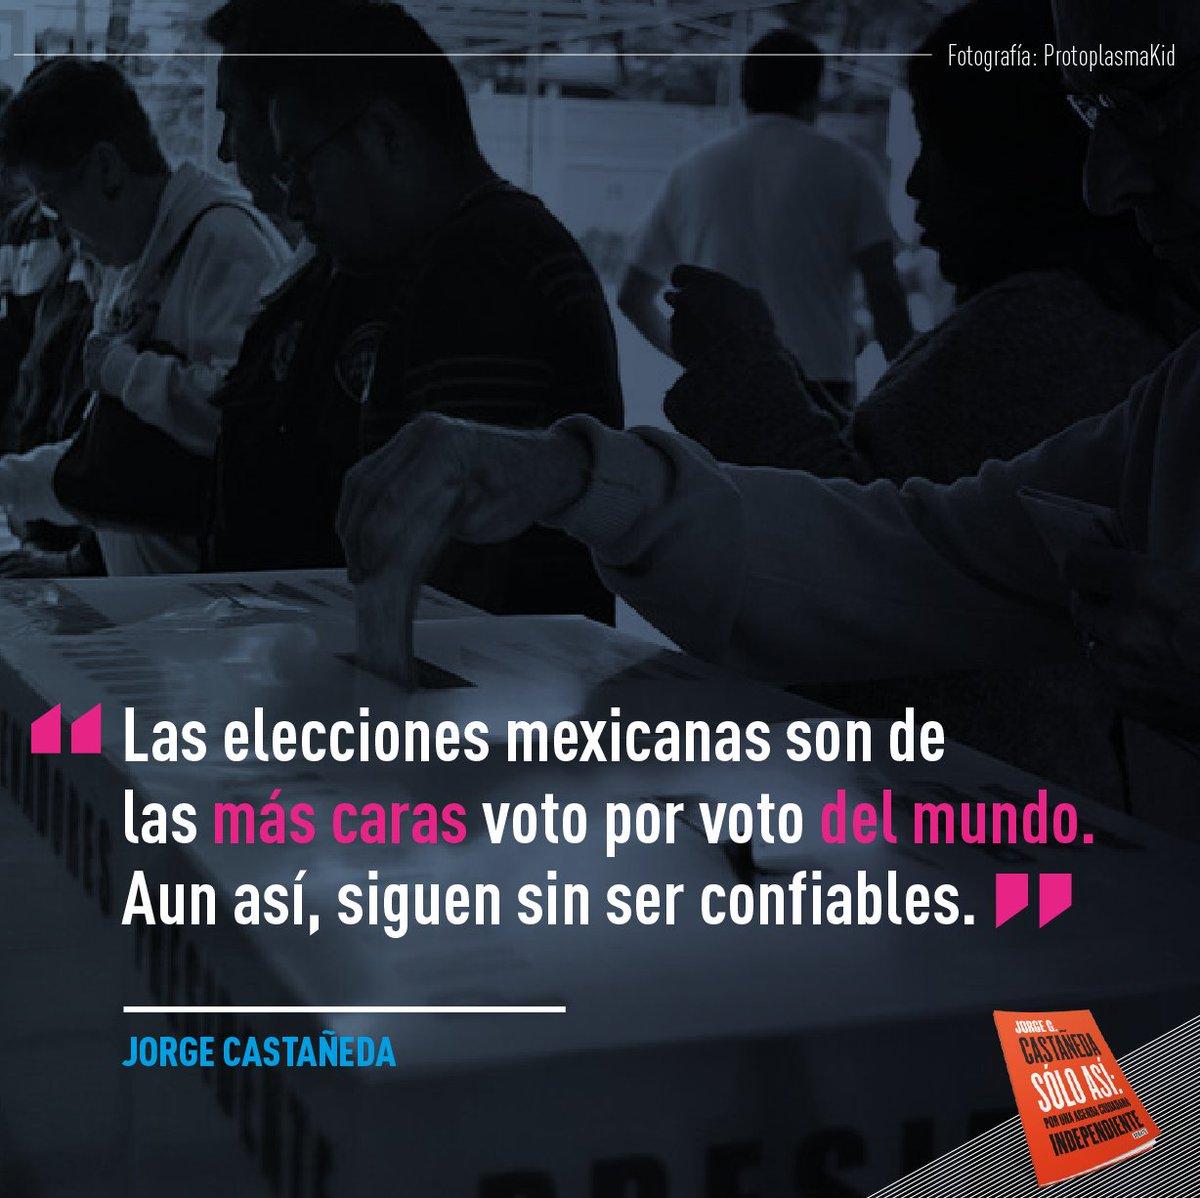 No podemos seguir con este derroche de dinero público para los partidos #JornadaElectoral #Elecciones2016 https://t.co/lY7xT8TIo0